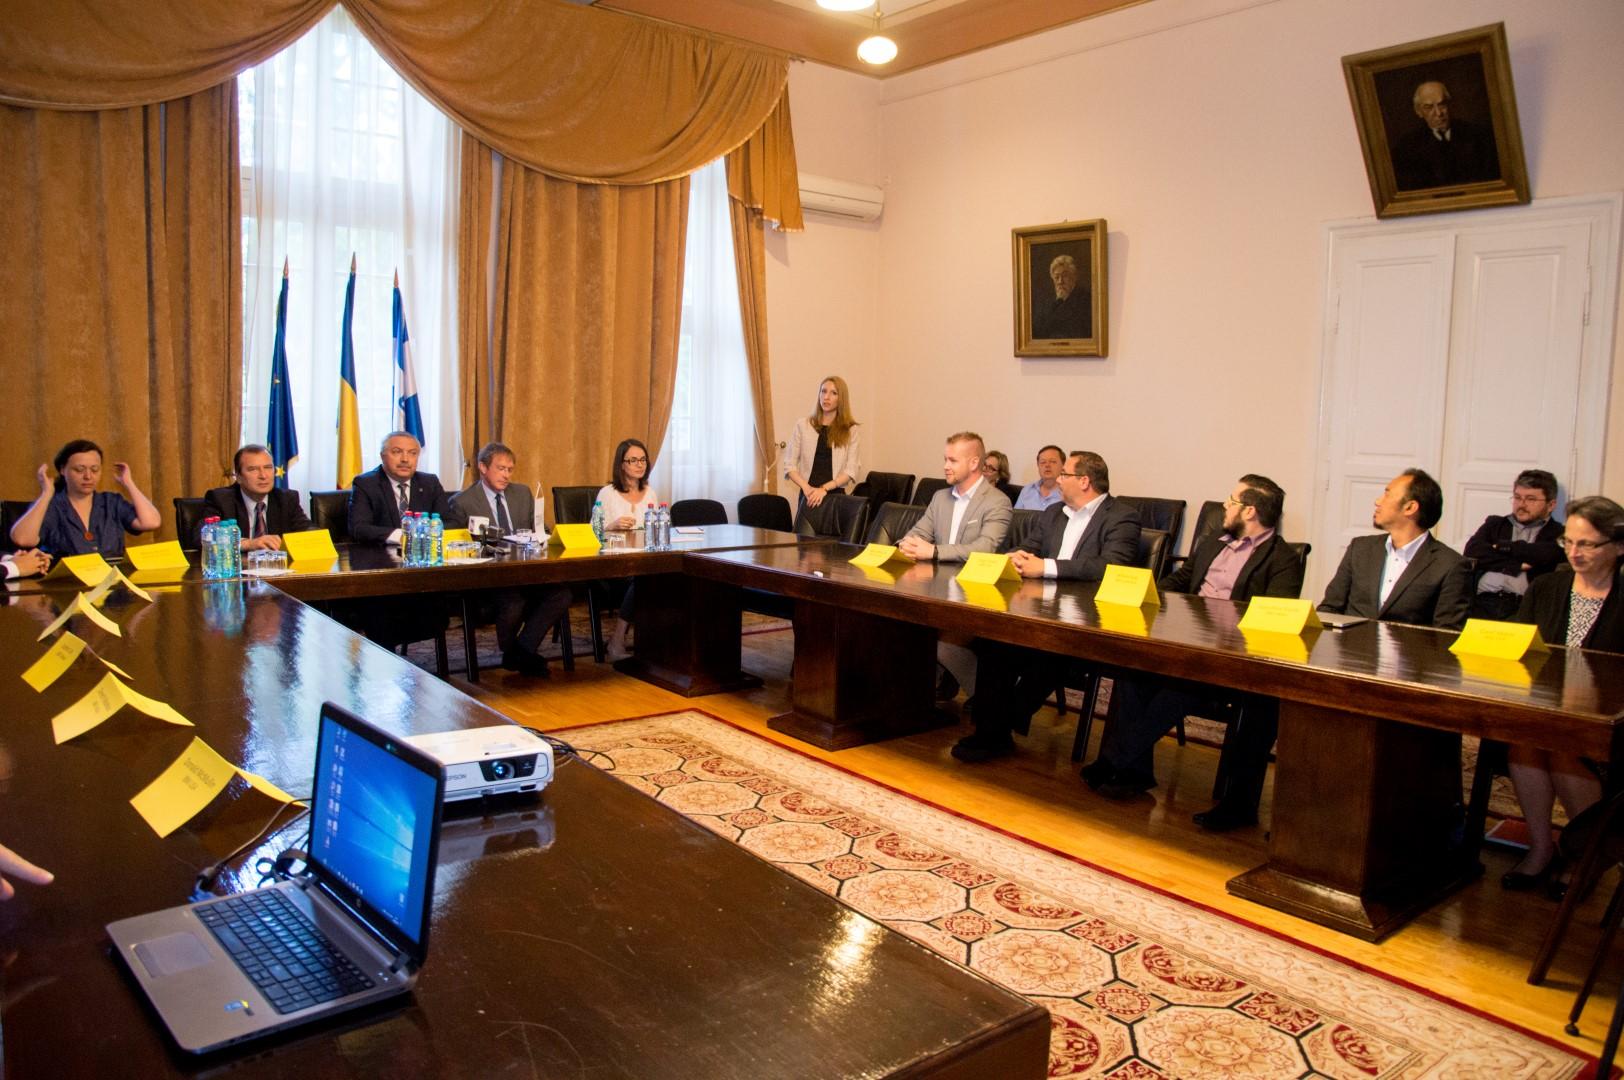 IBM a prezentat rezultatele programului de voluntariat IBM Corporate Service Corps în România